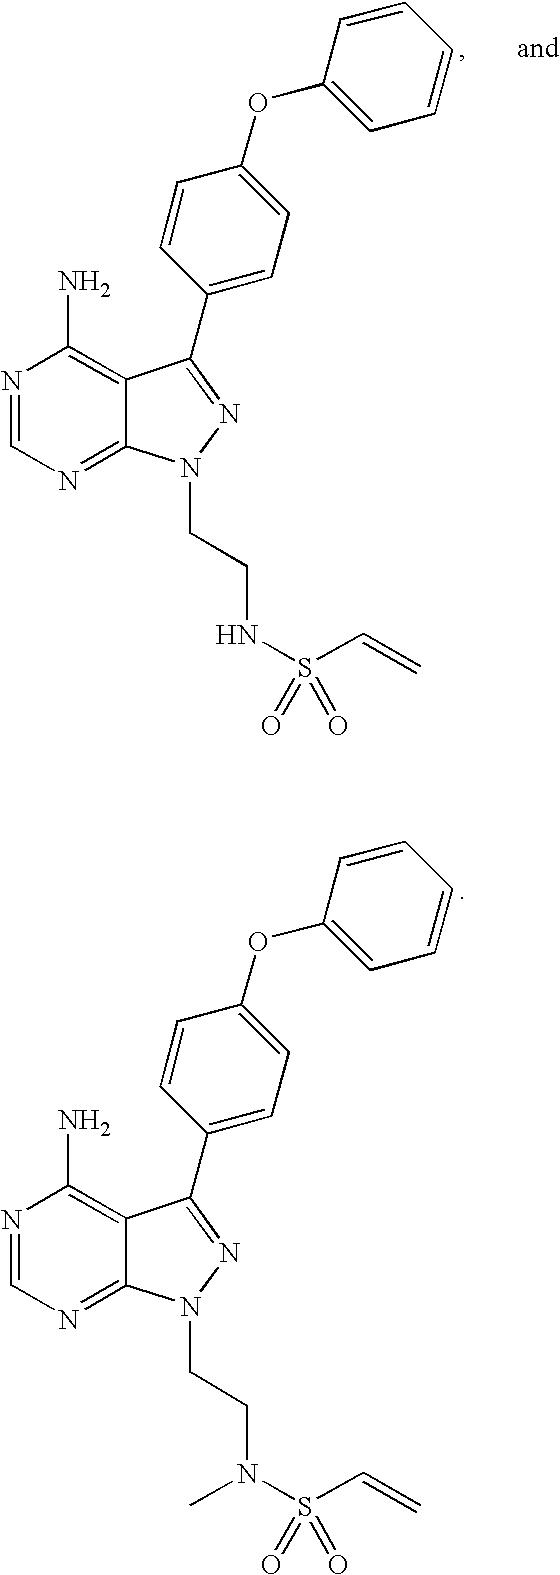 Figure US07514444-20090407-C00068